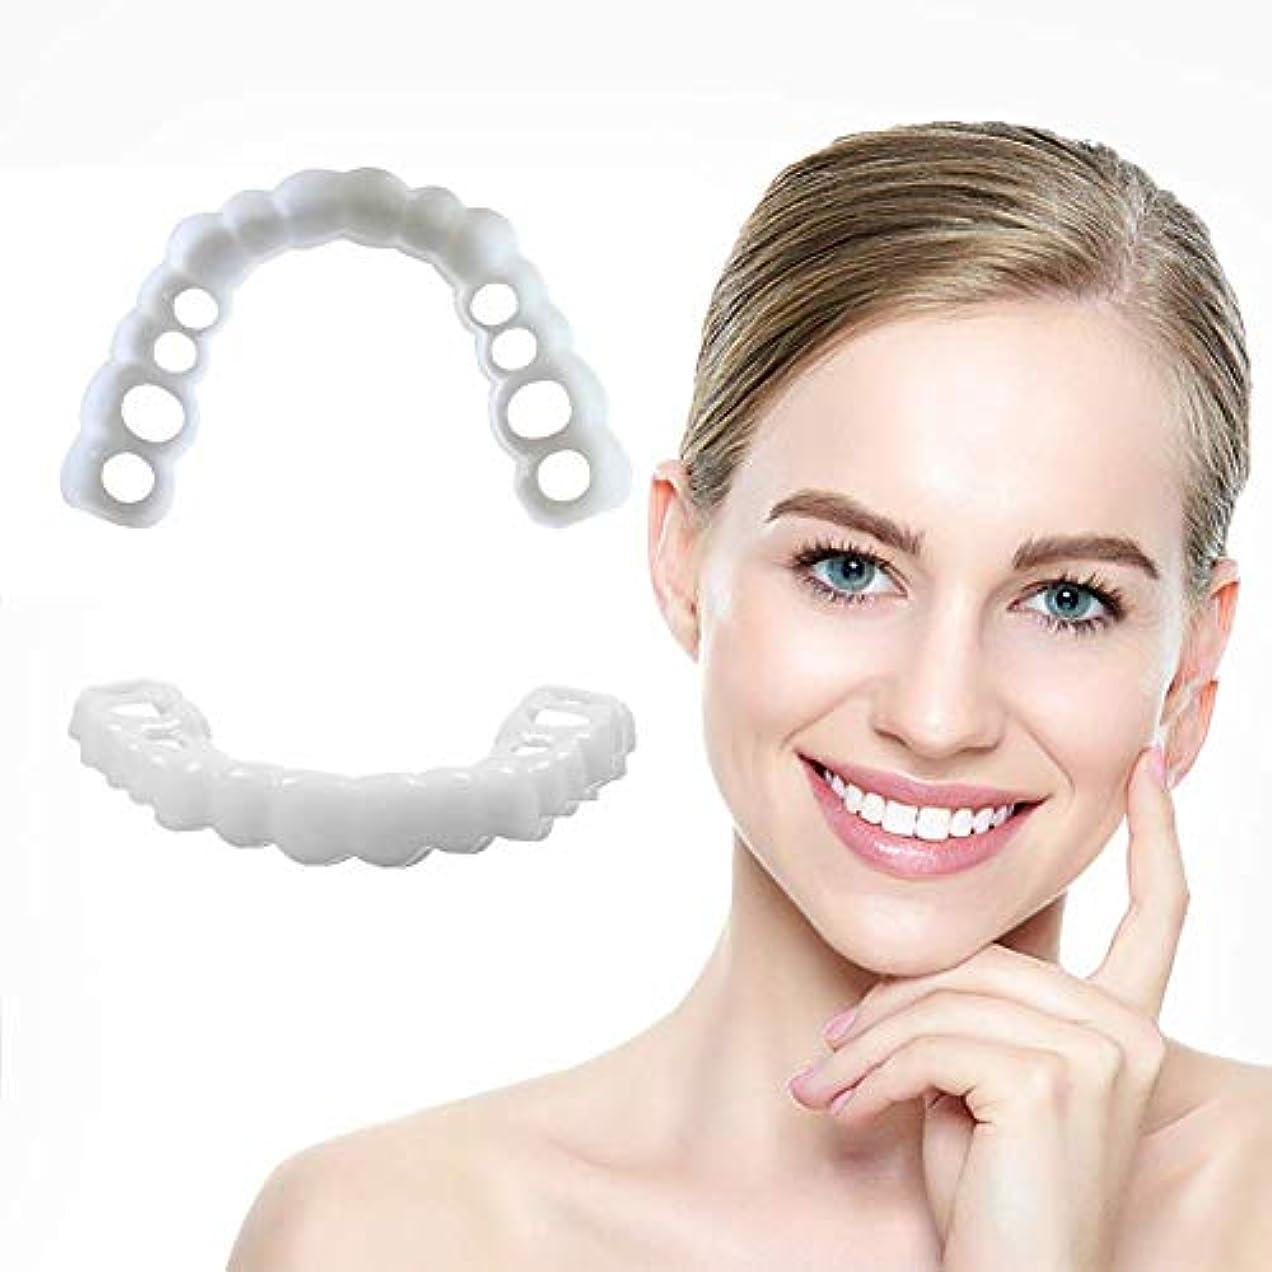 アルファベット順電卓平均セットの第二世代のシリコーンのシミュレーションの歯科用義歯を白くする上下の歯の模擬装具,3pcs,Upperteeth